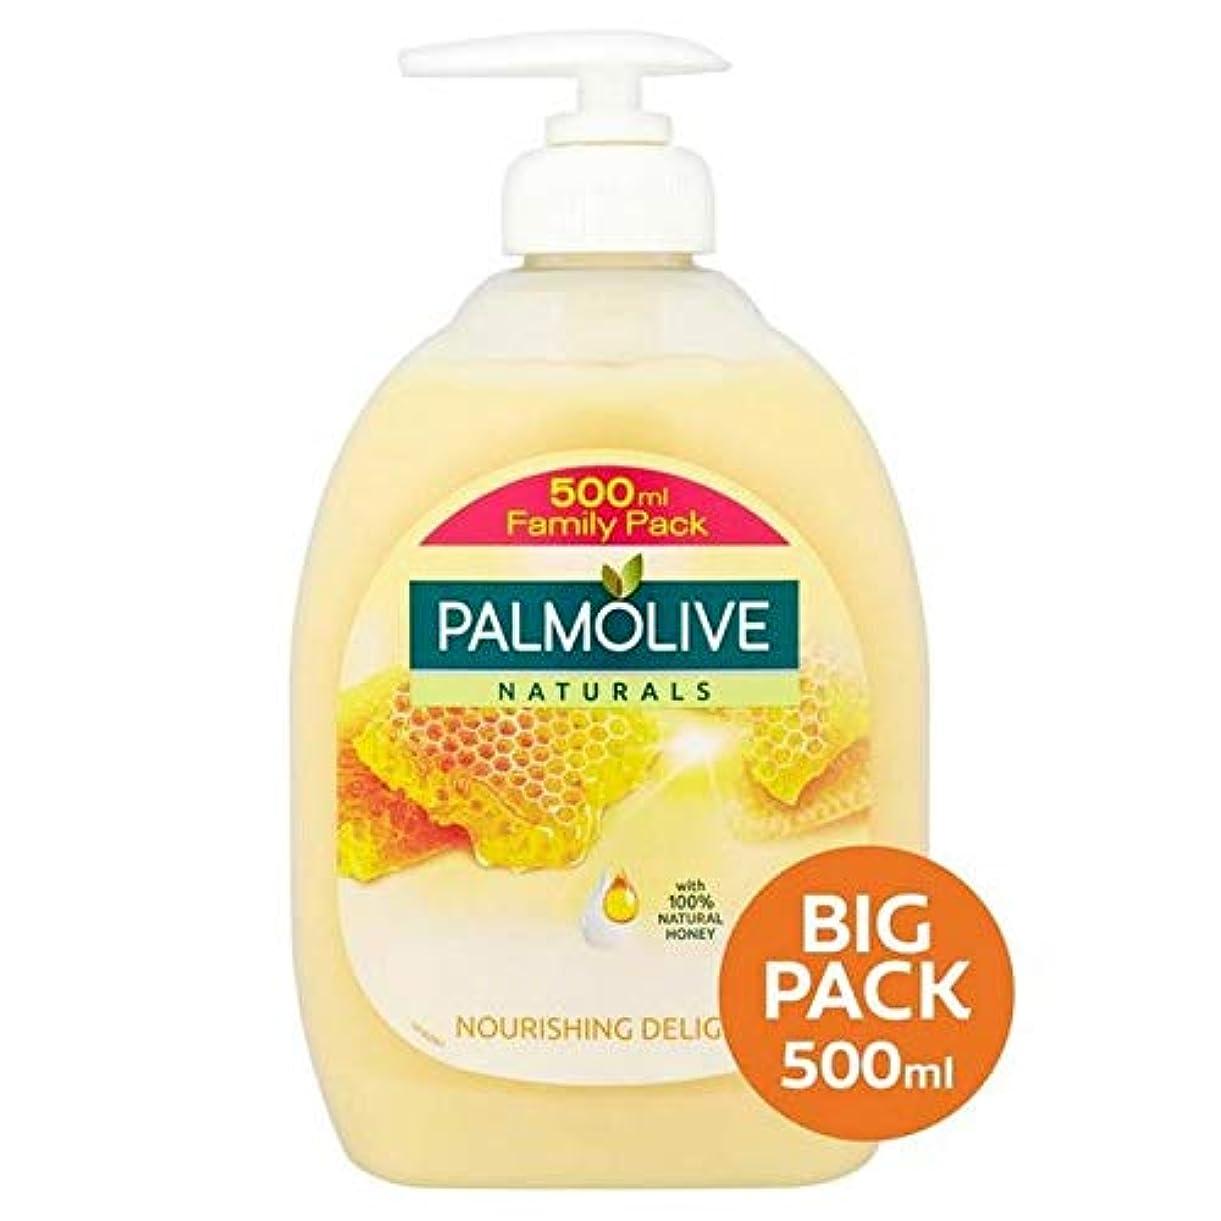 カレンダーアンテナ舌な[Palmolive ] パルモライブナチュラルミルク&ハニーの手洗いの500ミリリットル - Palmolive Naturals Milk & Honey Handwash 500ml [並行輸入品]